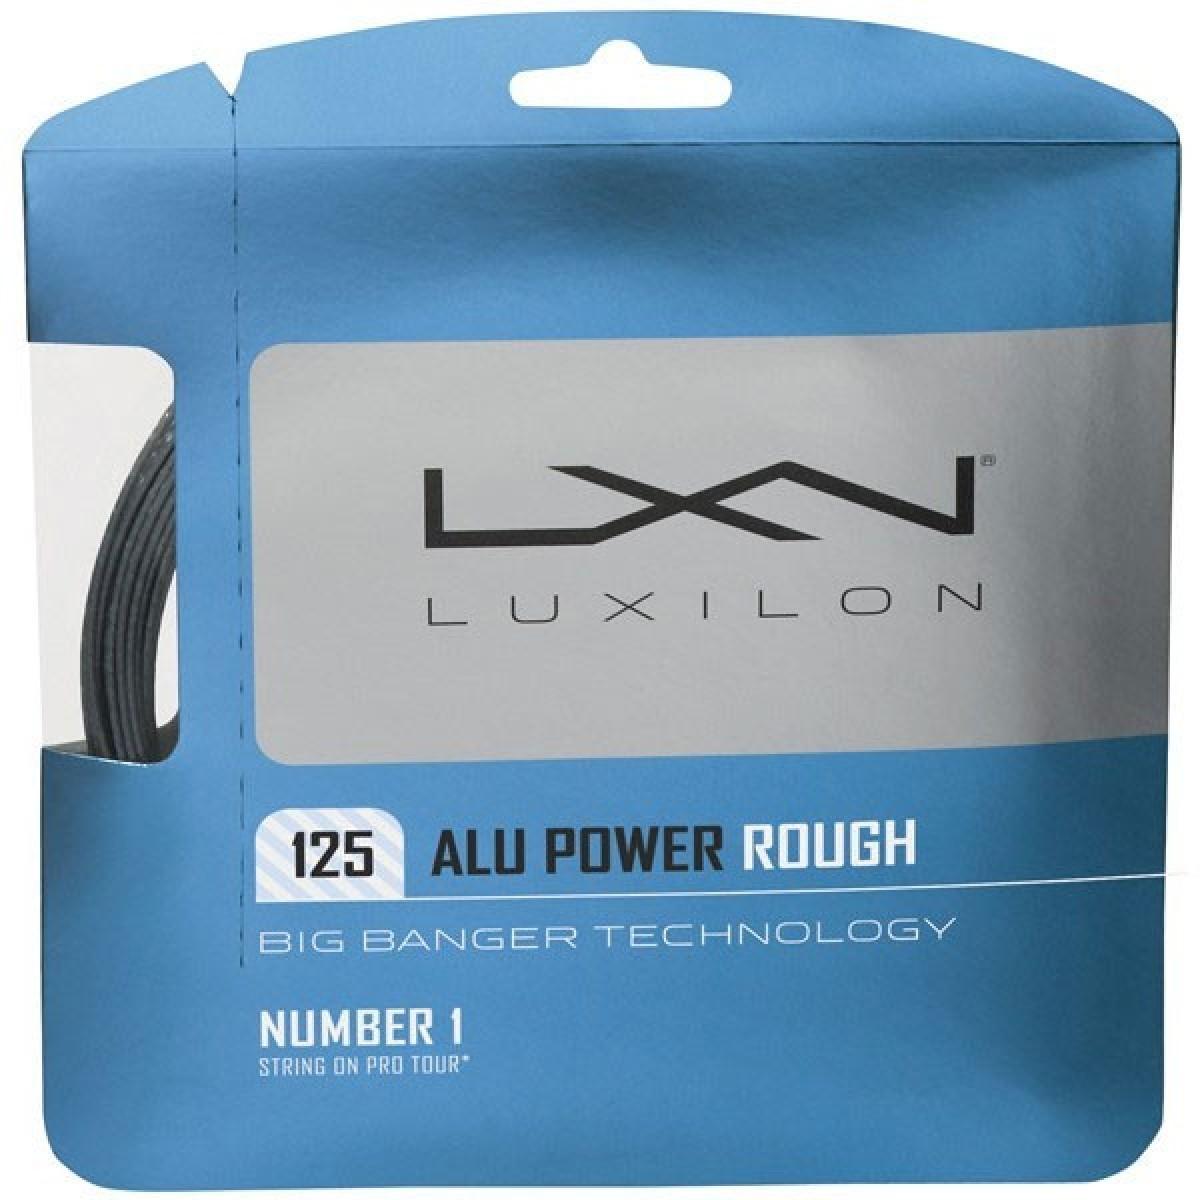 CORDAGE LUXILON BIG BANGER ALU POWER ROUGH (12 METRES)